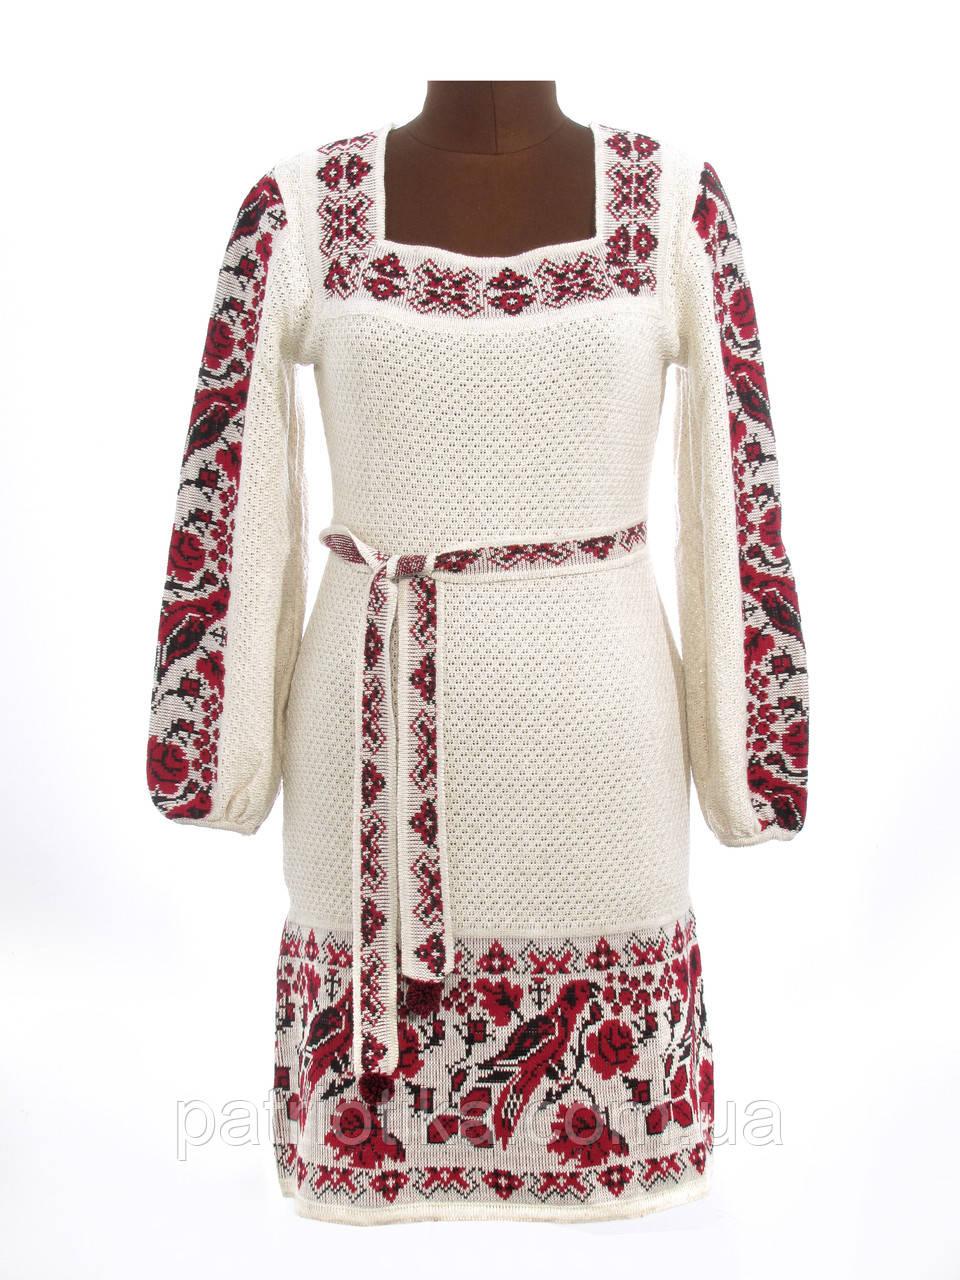 Платья вышиванки интернет магазин